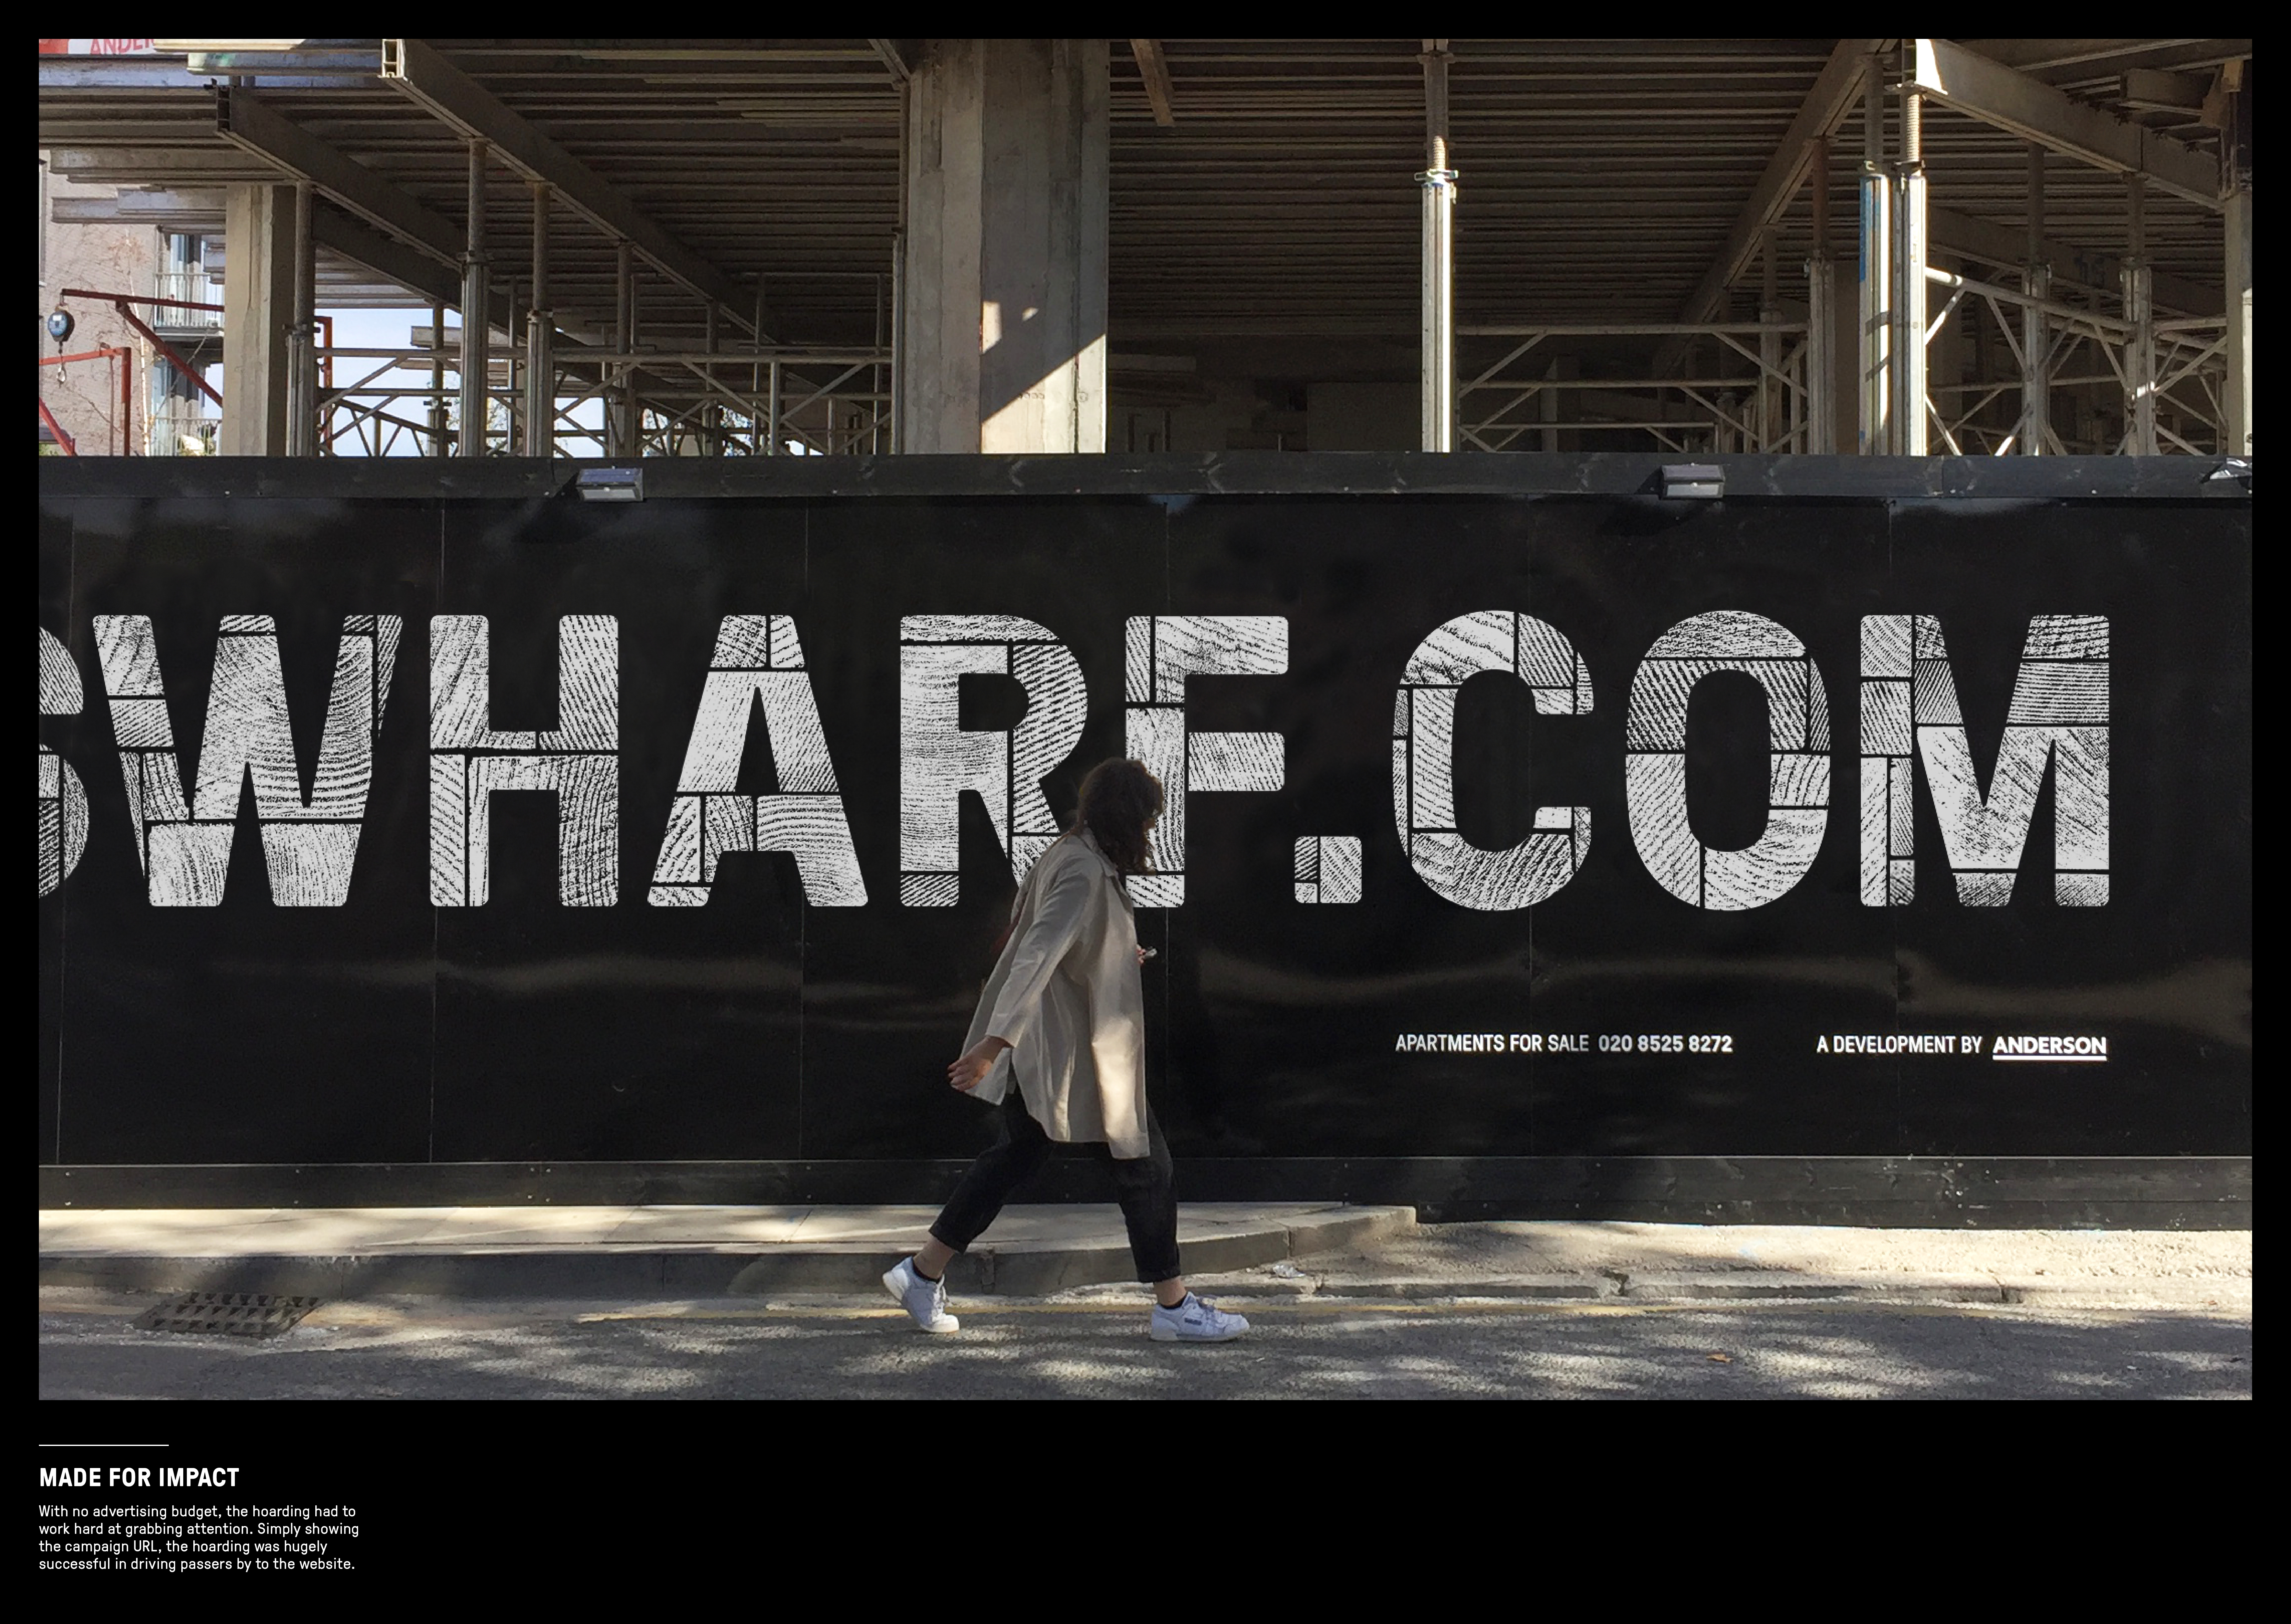 Thumbnail for Carpenters Wharf